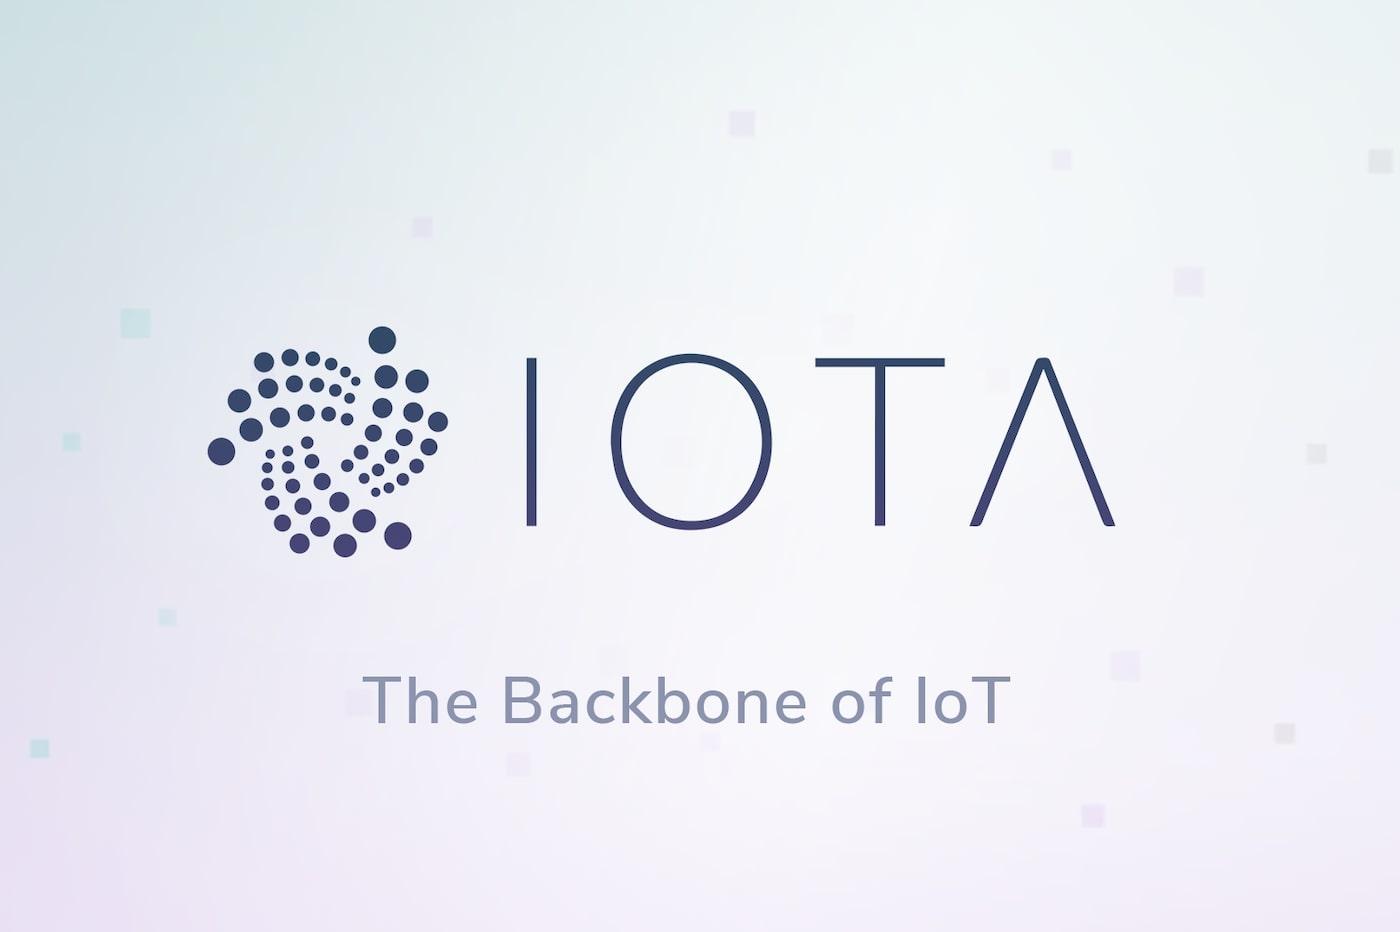 Nền tảng IOTA đã đưa ra quyết định đóng băng tiền điện tử của mình 3